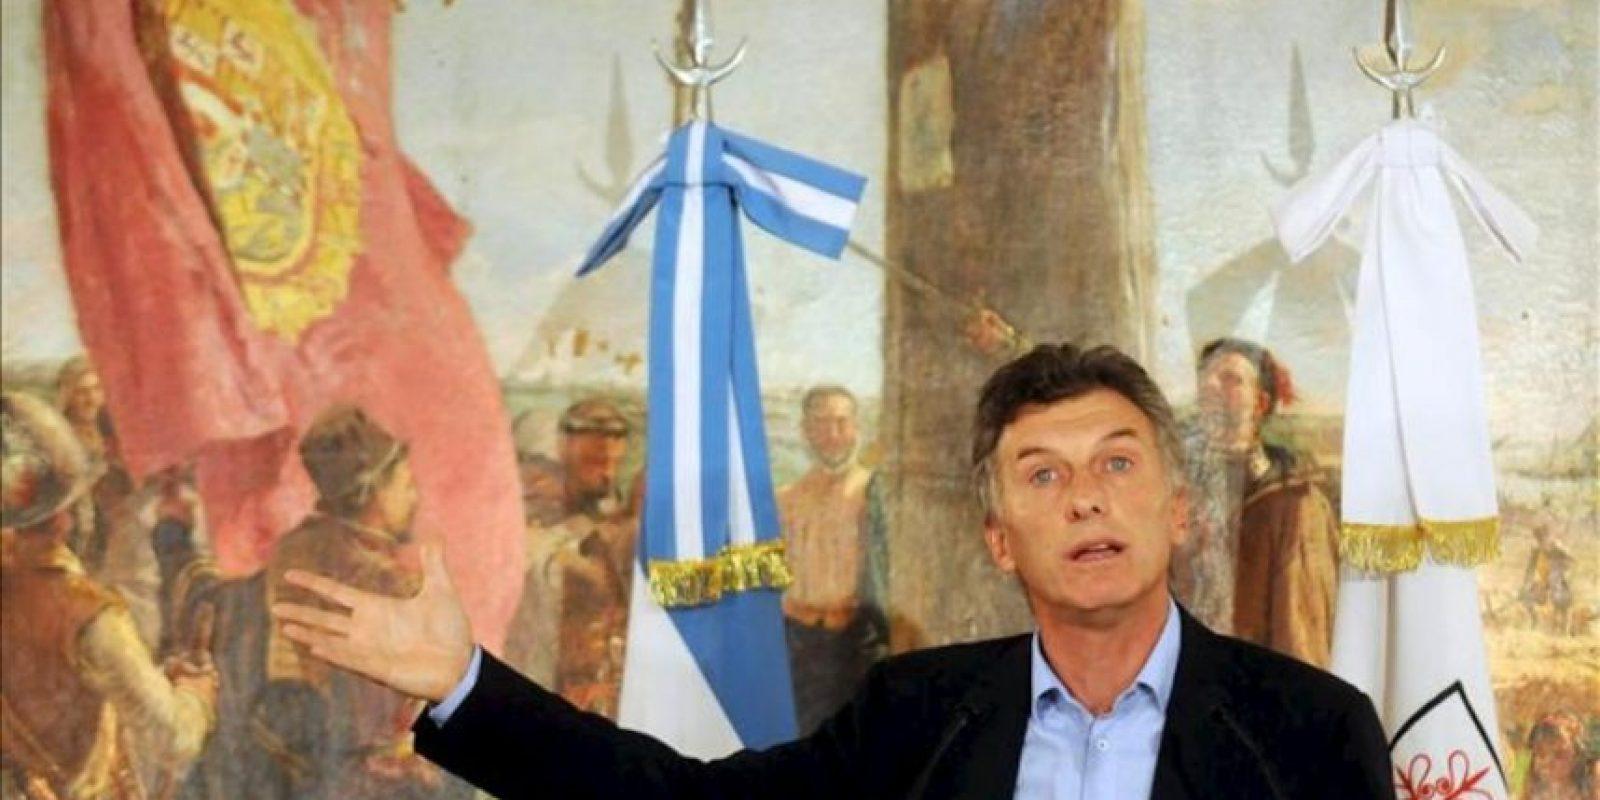 El alcalde de Buenos Aires, el conservador Mauricio Macri, habla en una rueda de prensa en la sede del gobierno de Buenos Aires (Argentina). EFE